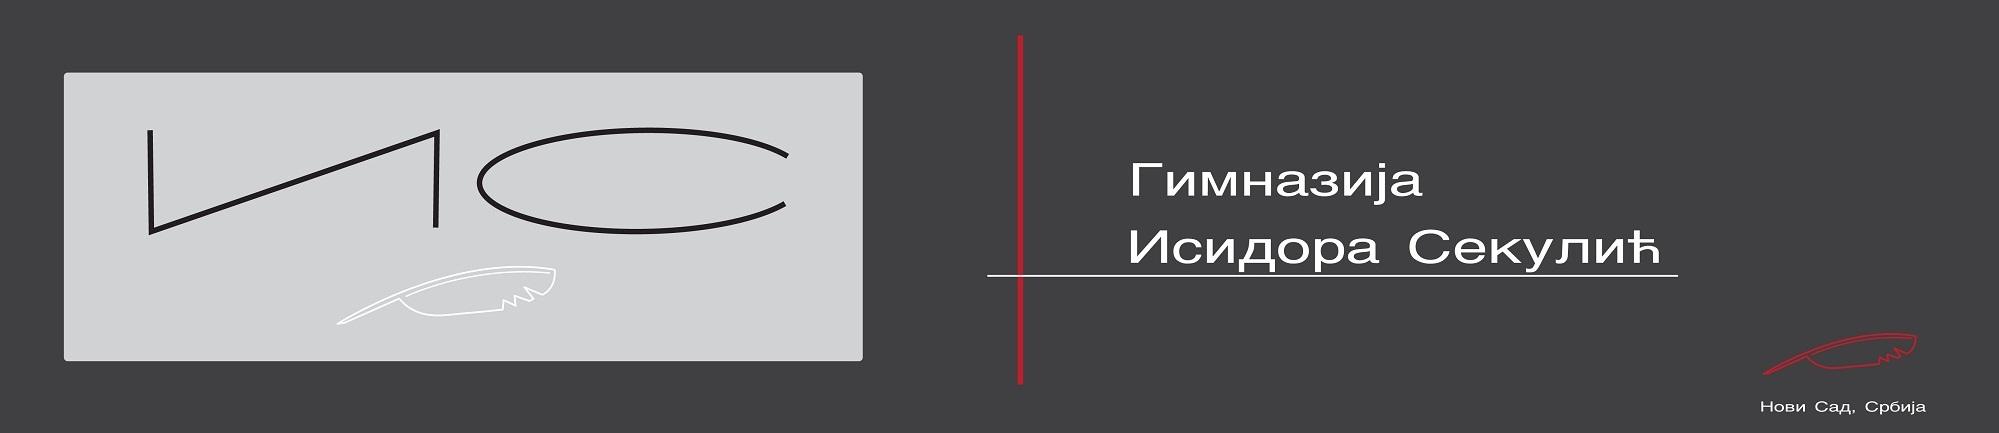 """Гимназија """"Исидора Секулић"""""""